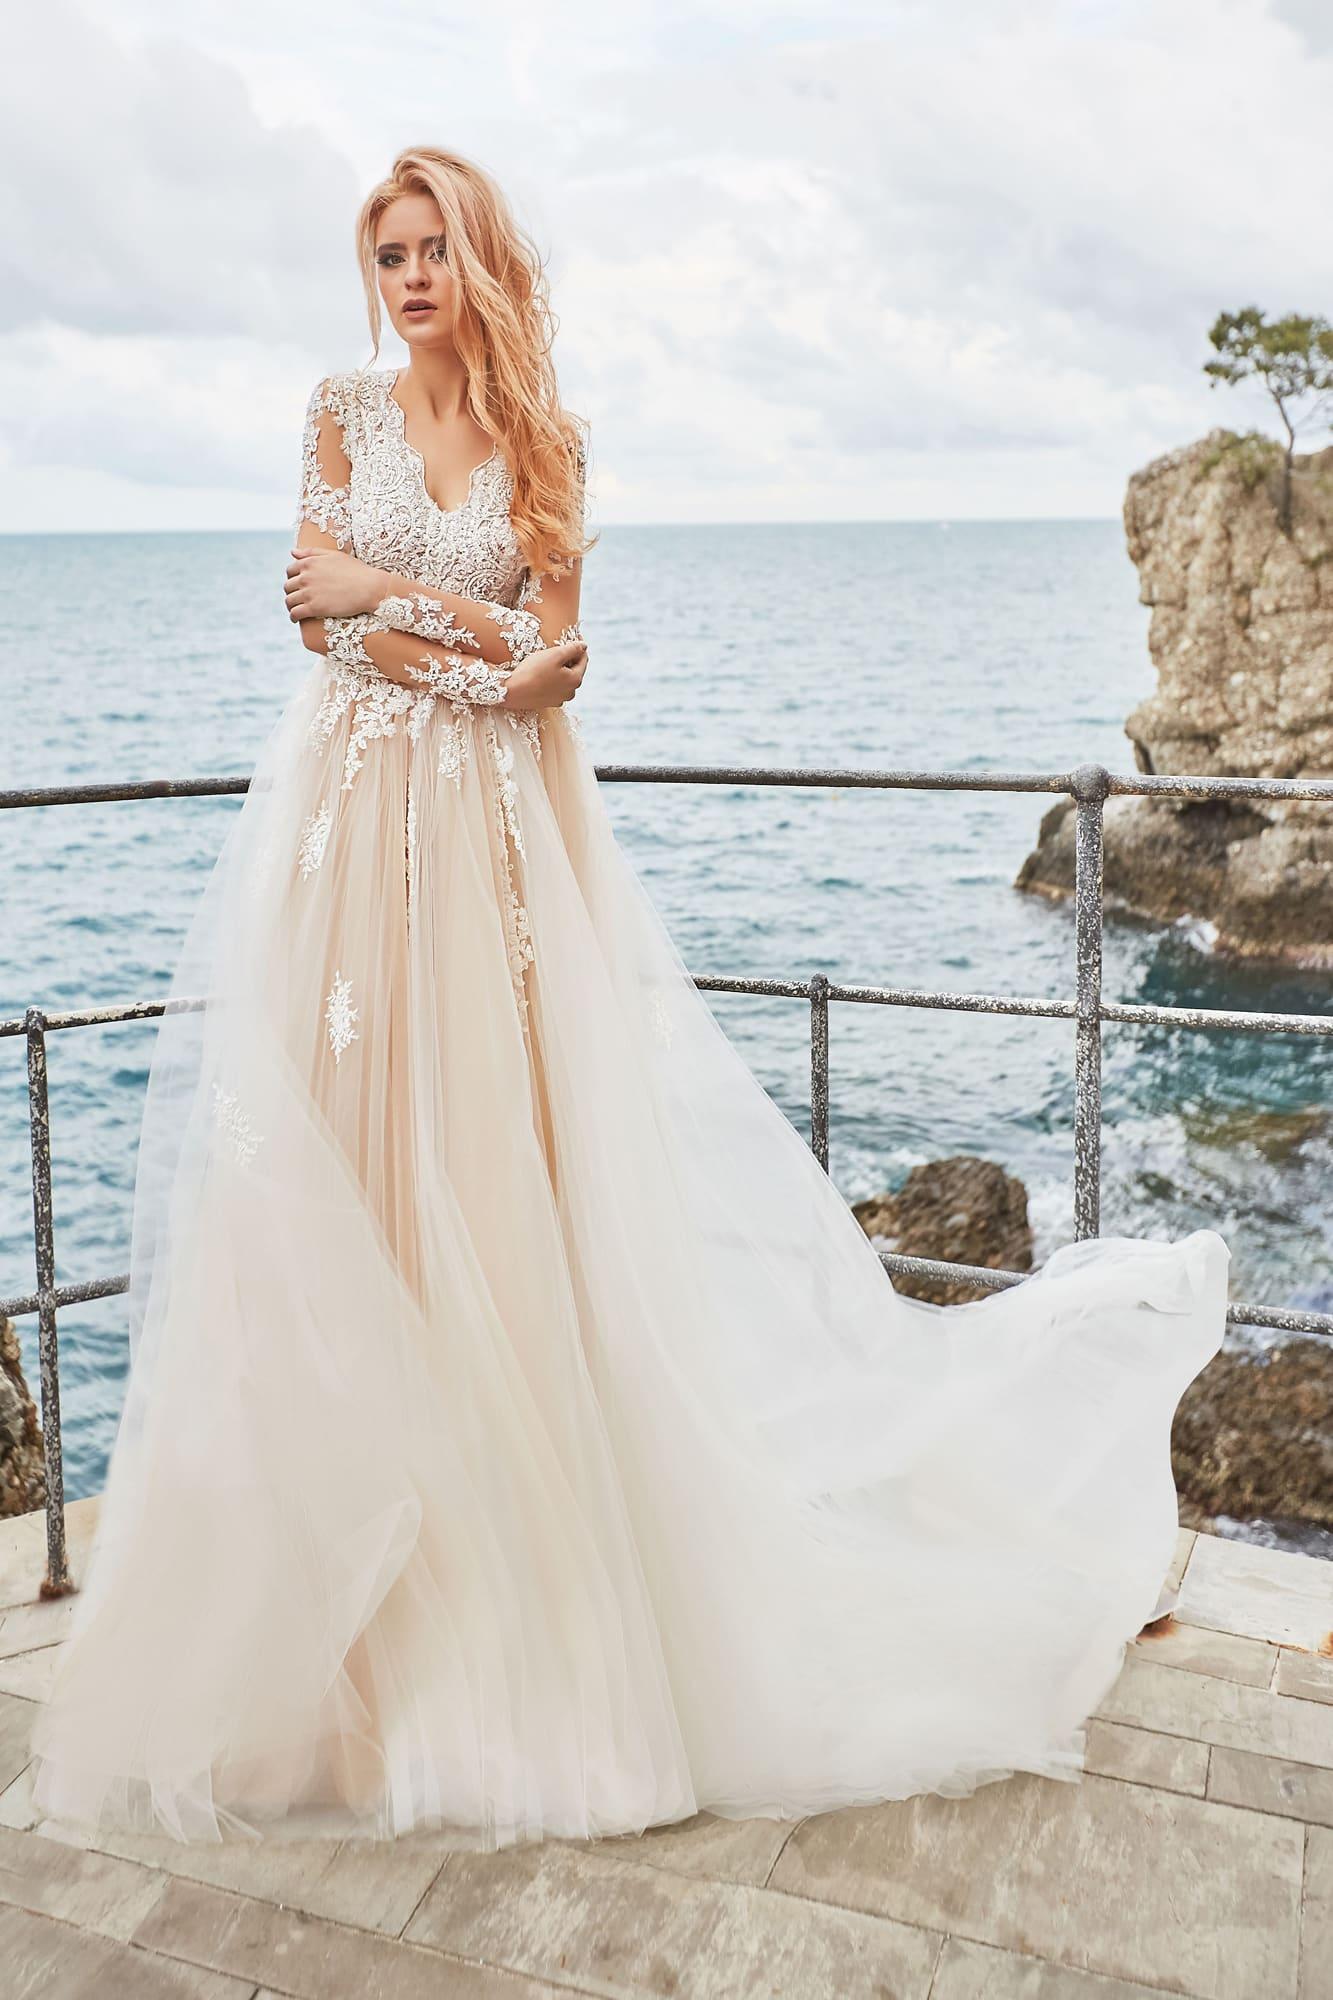 8e9d5807ec224f Пудровое свадебное платье с кружевным декором верха и объемной юбкой.